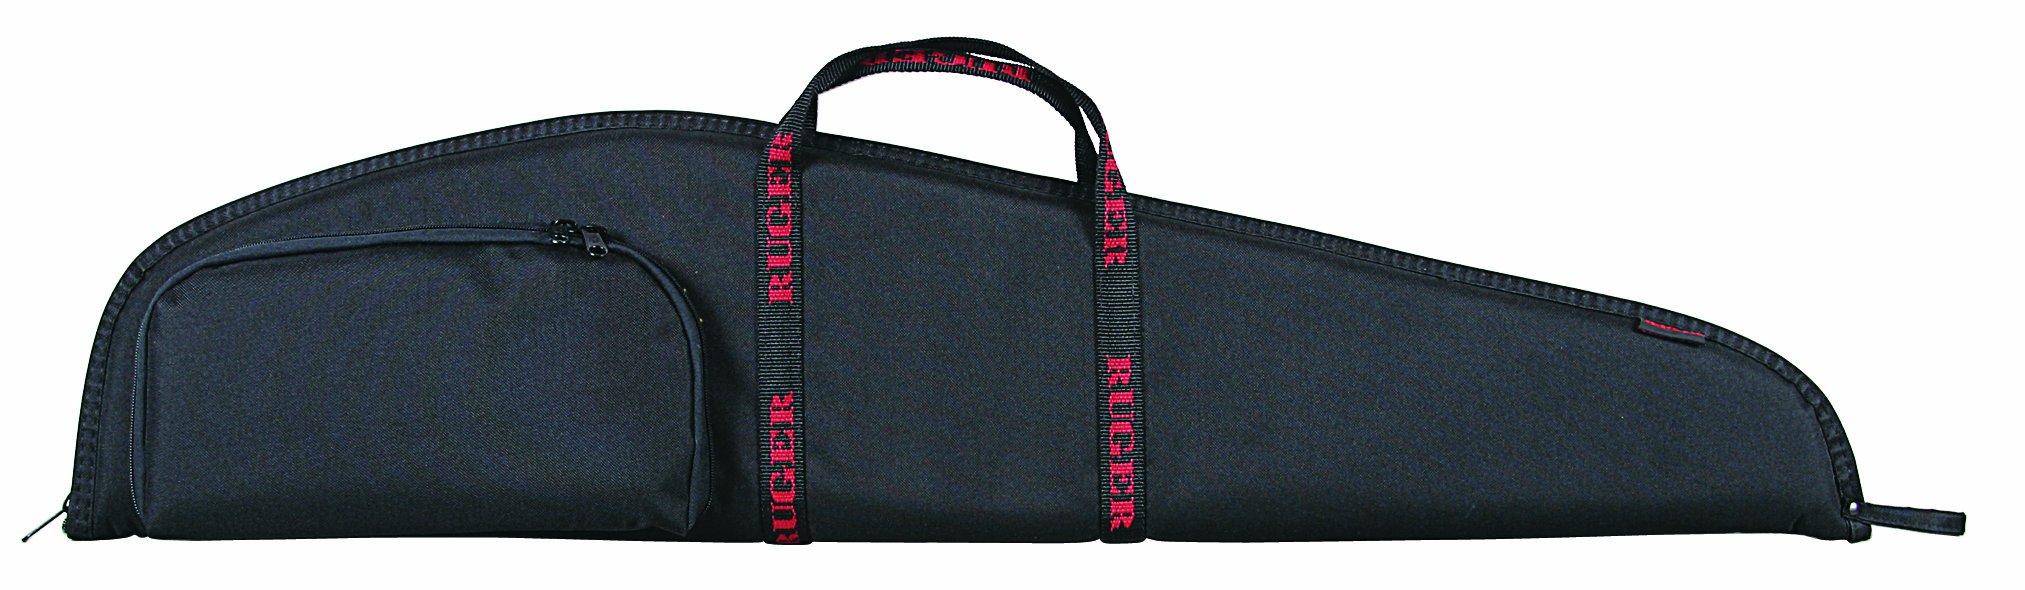 Allen Ruger Rifle Case, Black